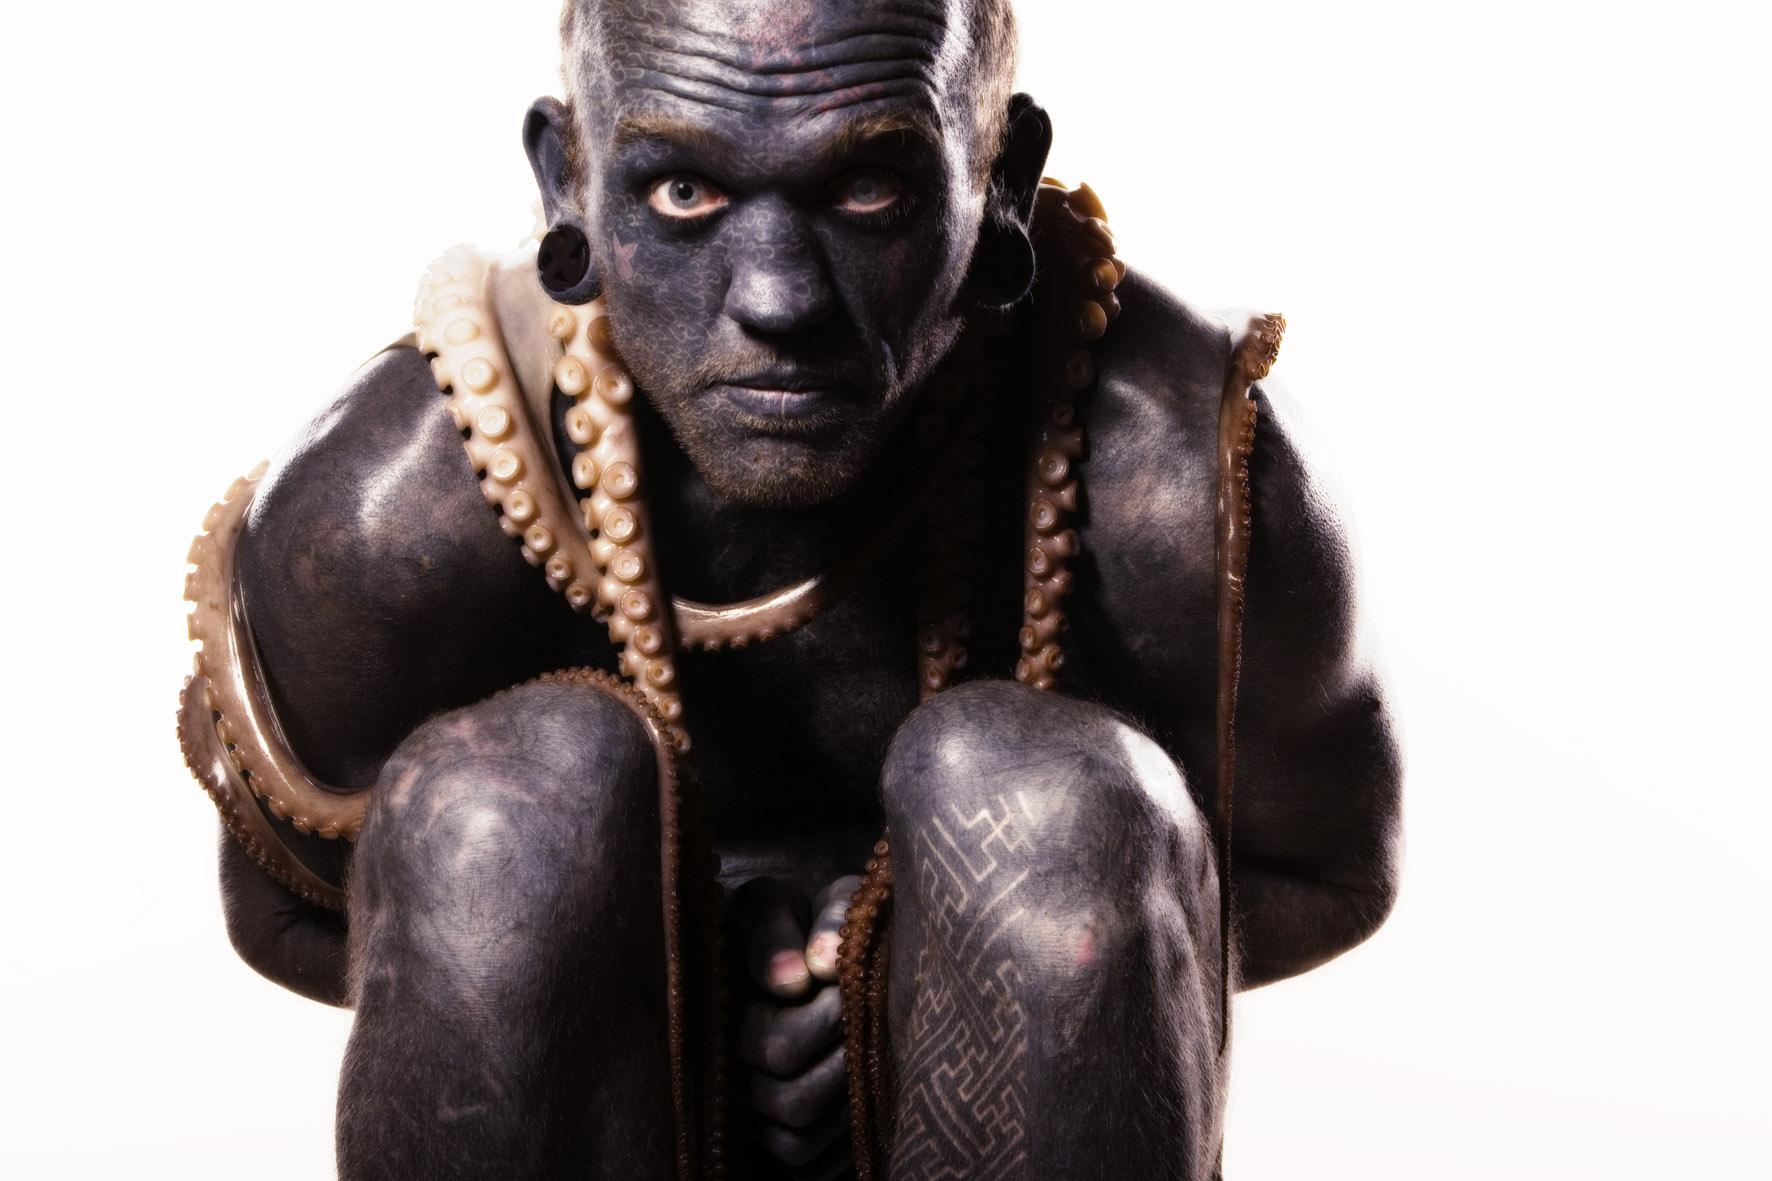 самый черный человек на земле фото самые